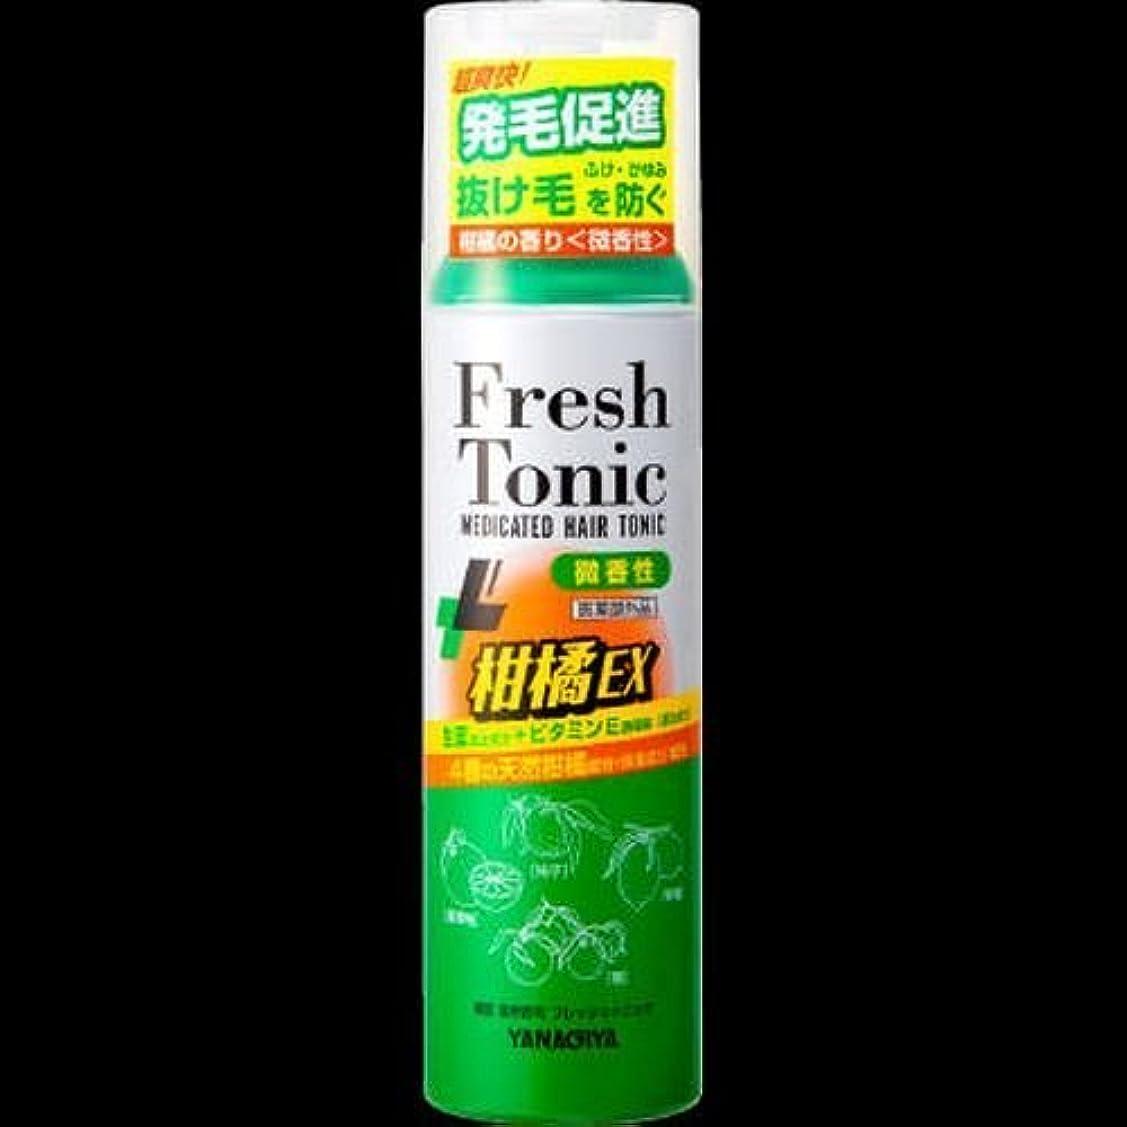 コックスパイ南東【まとめ買い】柳屋 薬用育毛 フレッシュトニック 柑橘EX <微香性> 190g ×2セット